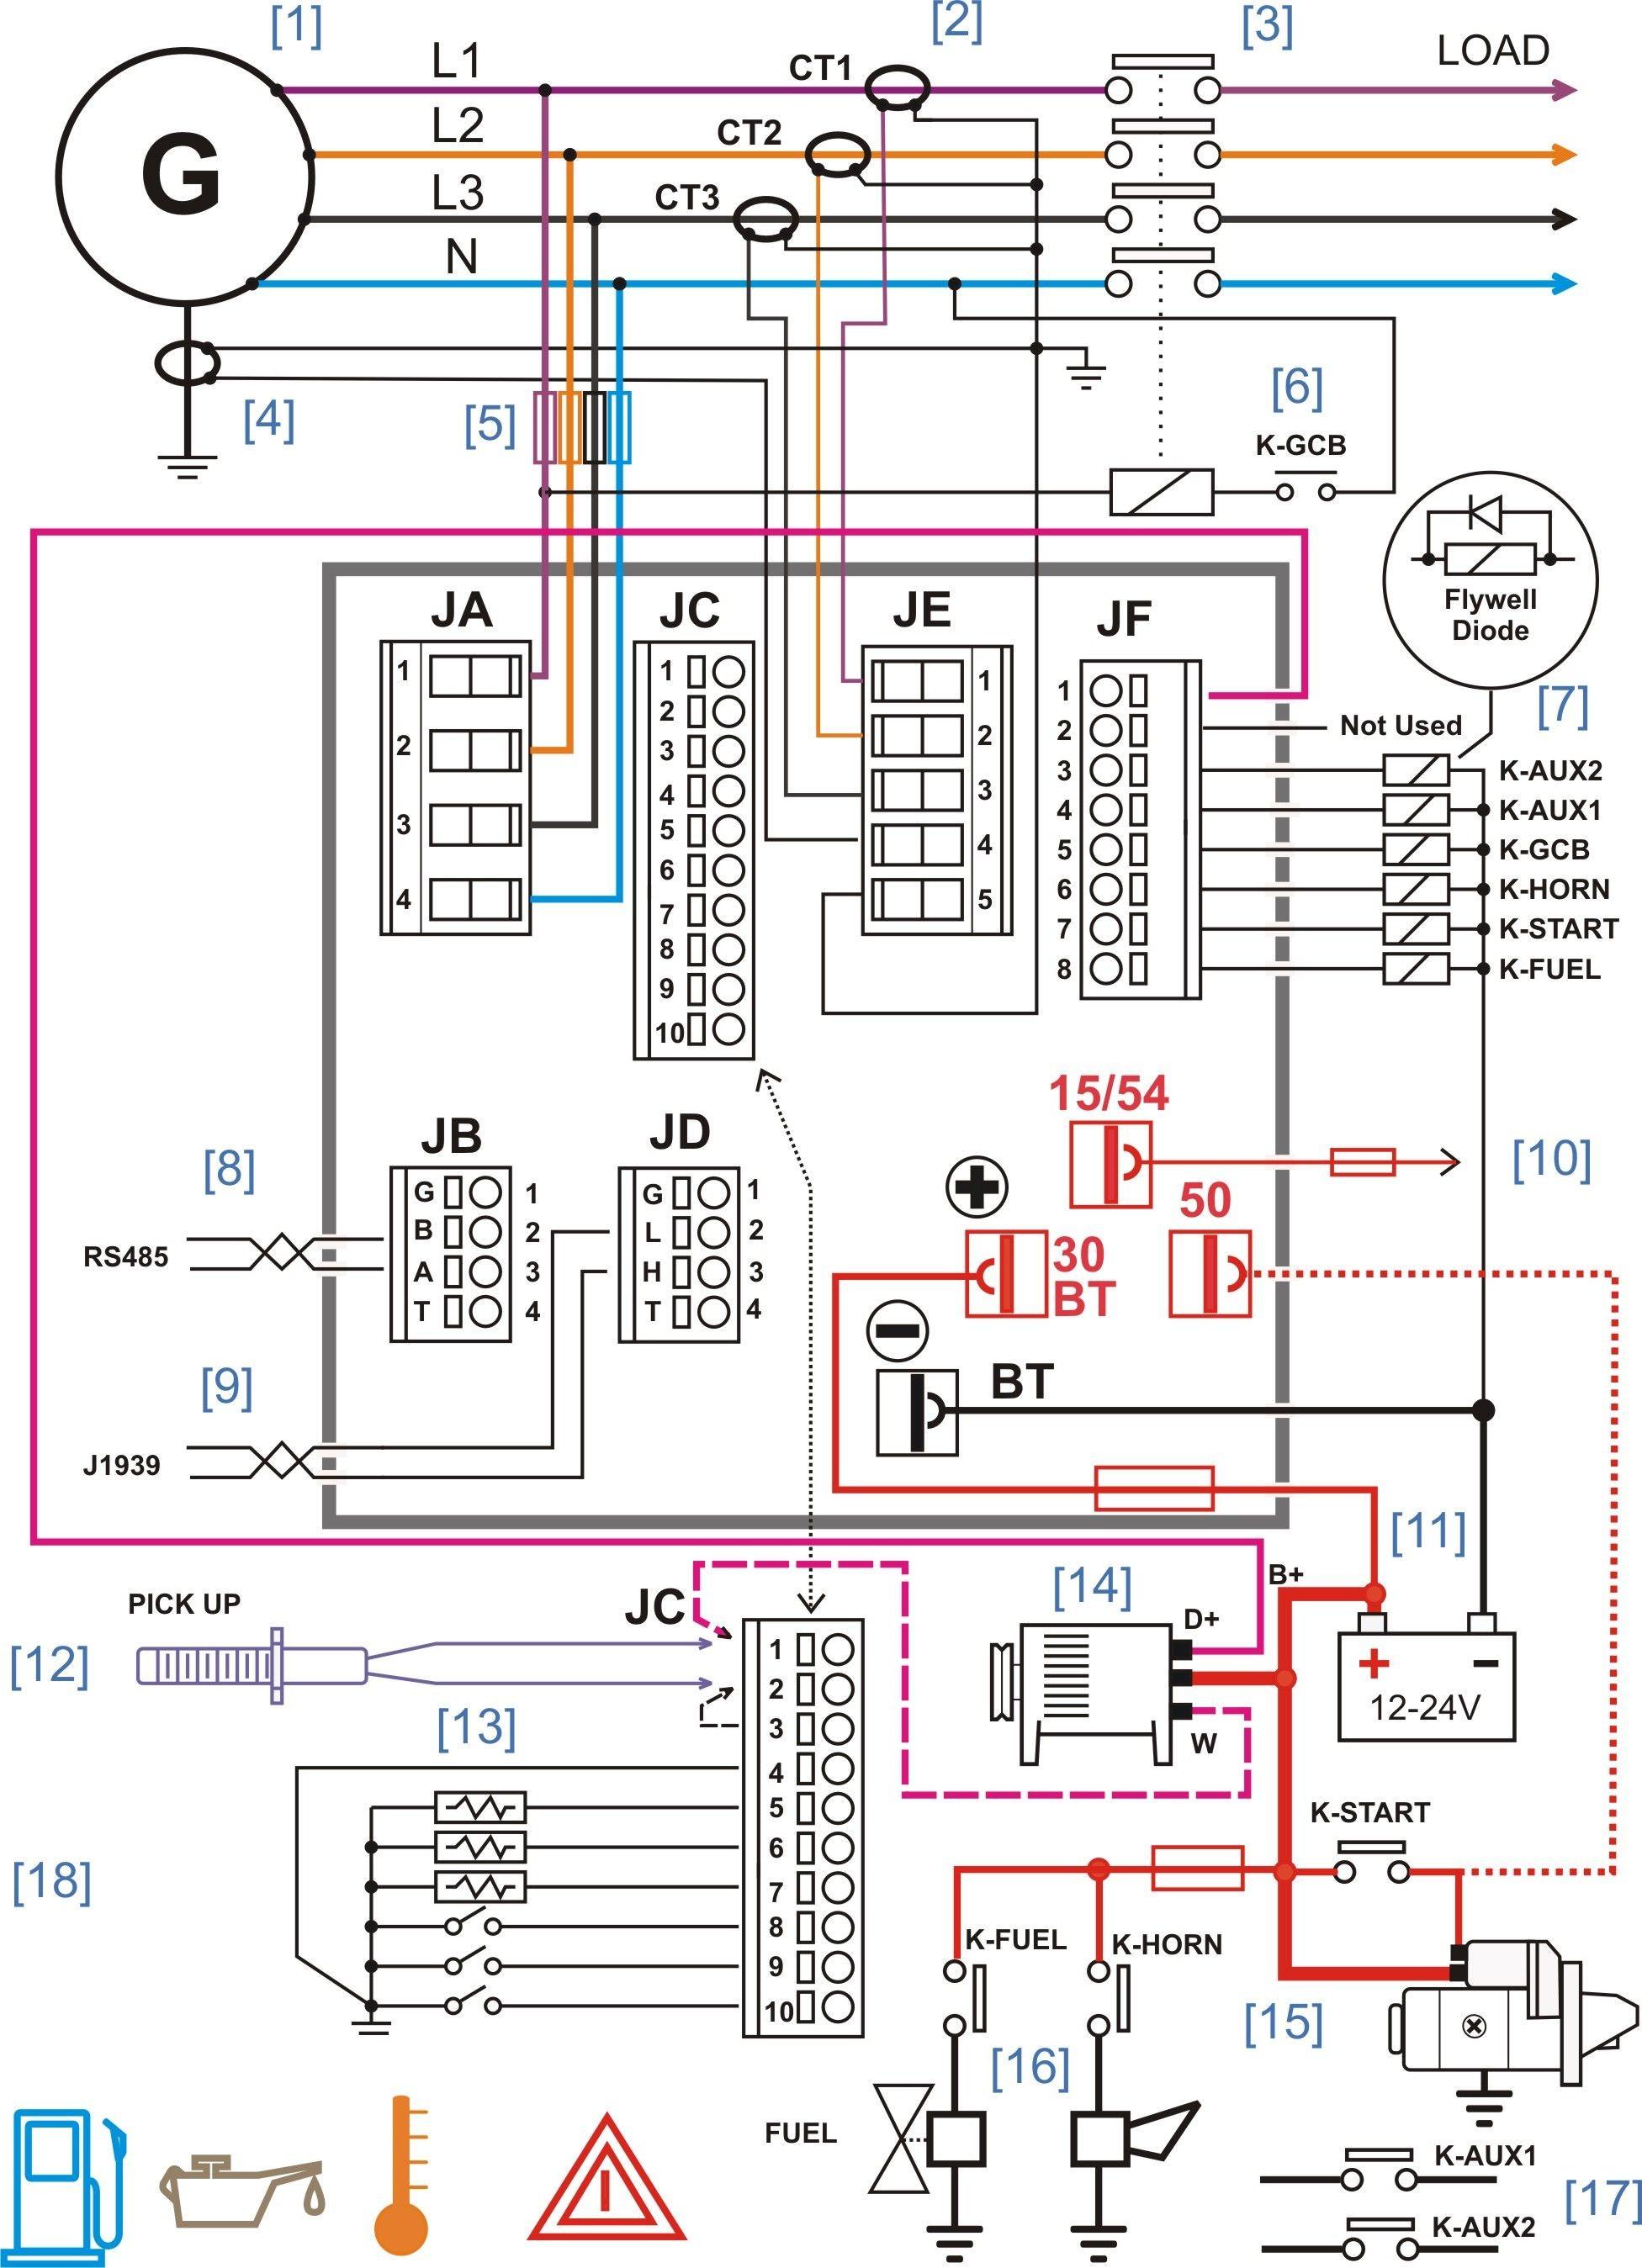 car electrical system diagram diesel generator control panel wiring rh detoxicrecenze com Car Electrical Wiring car electrical charging system diagram